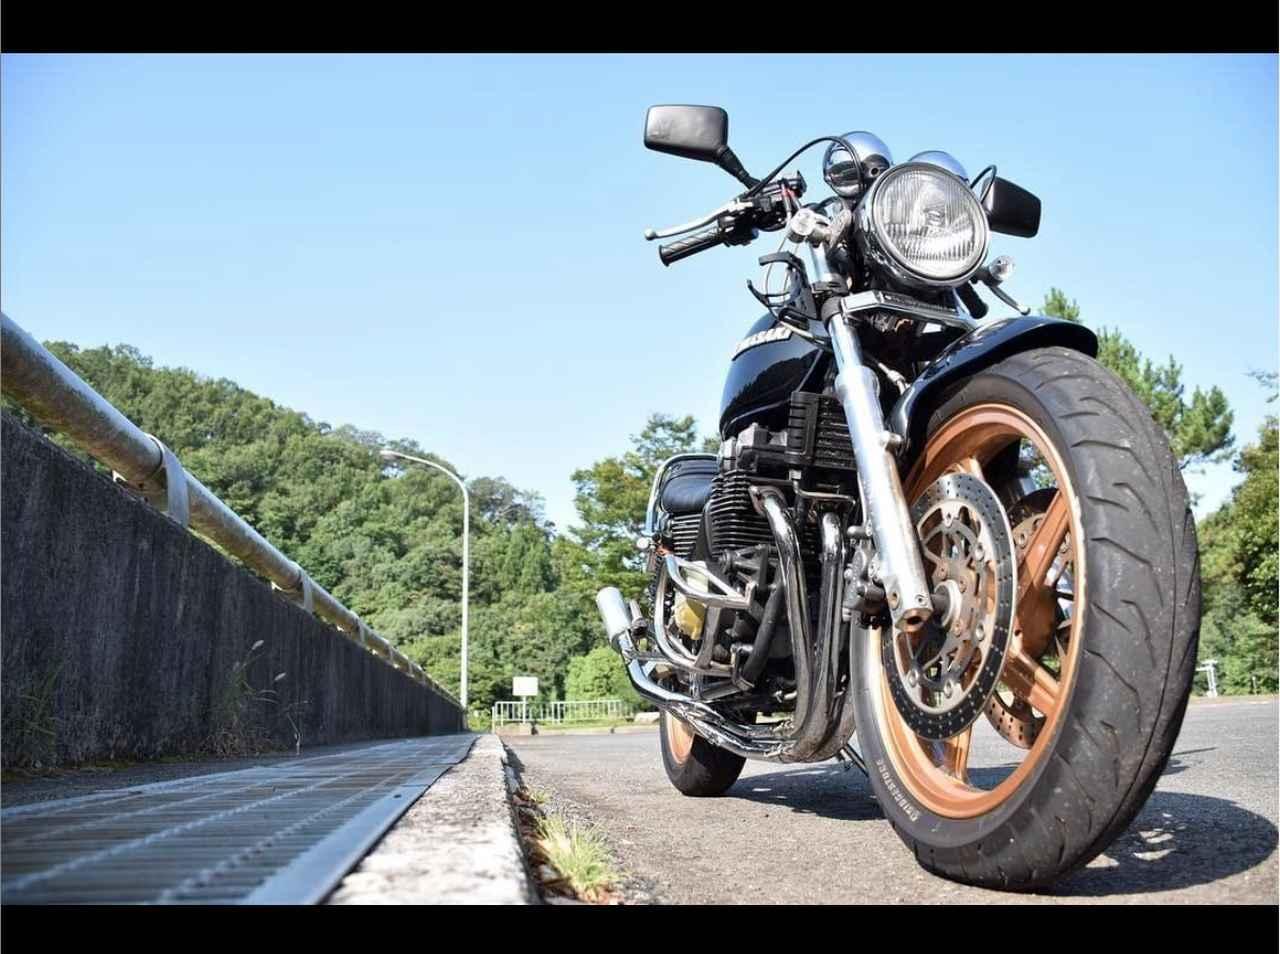 画像: ダムに負けない存在感!レアモデルのカワサキゼファーX登場!【グラカワインスタ紹介Vol.25】 - LAWRENCE - Motorcycle x Cars + α = Your Life.